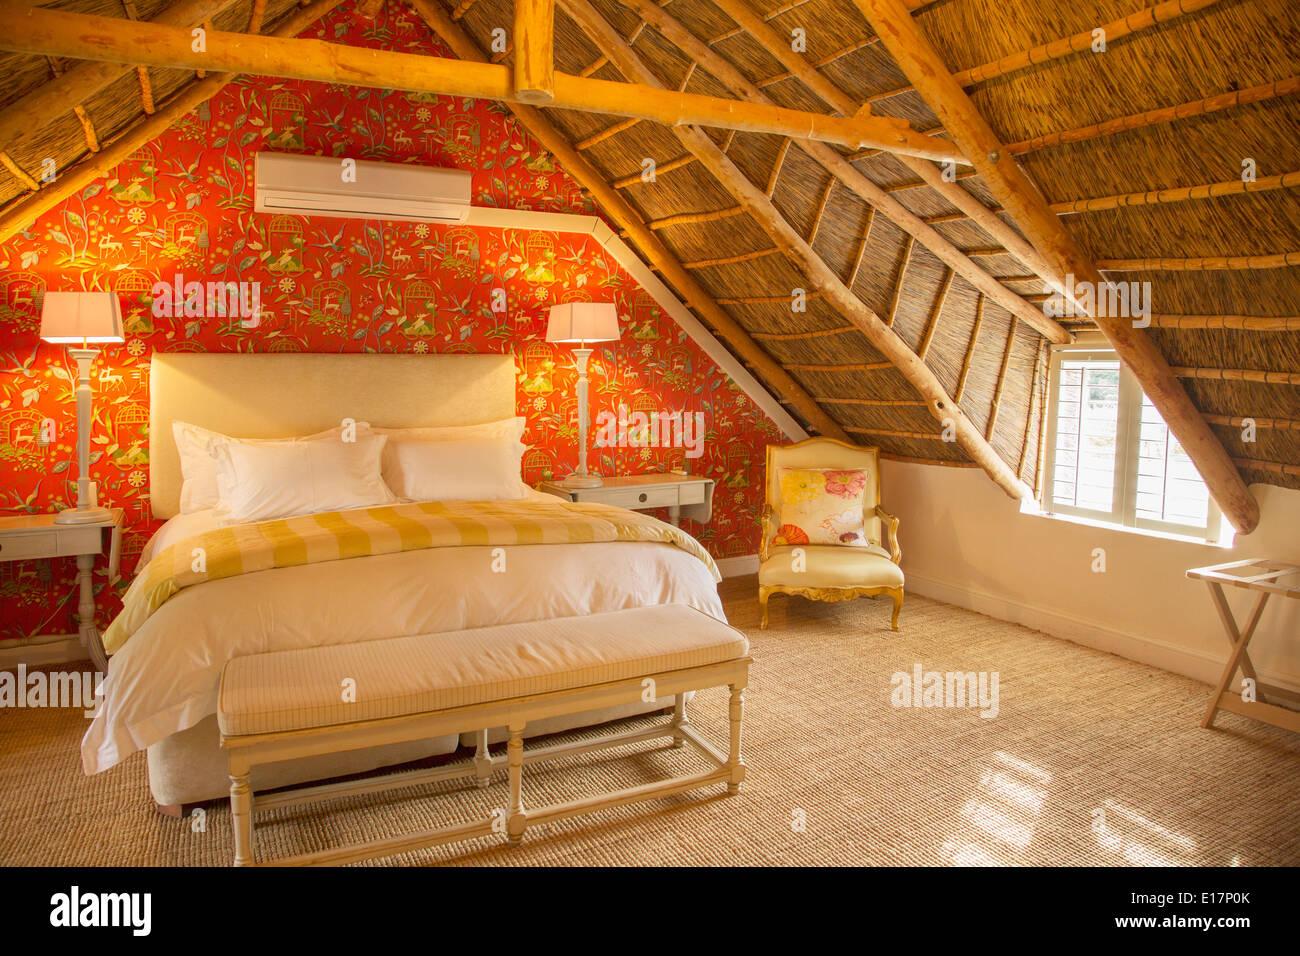 Luxury attic bedroom - Stock Image